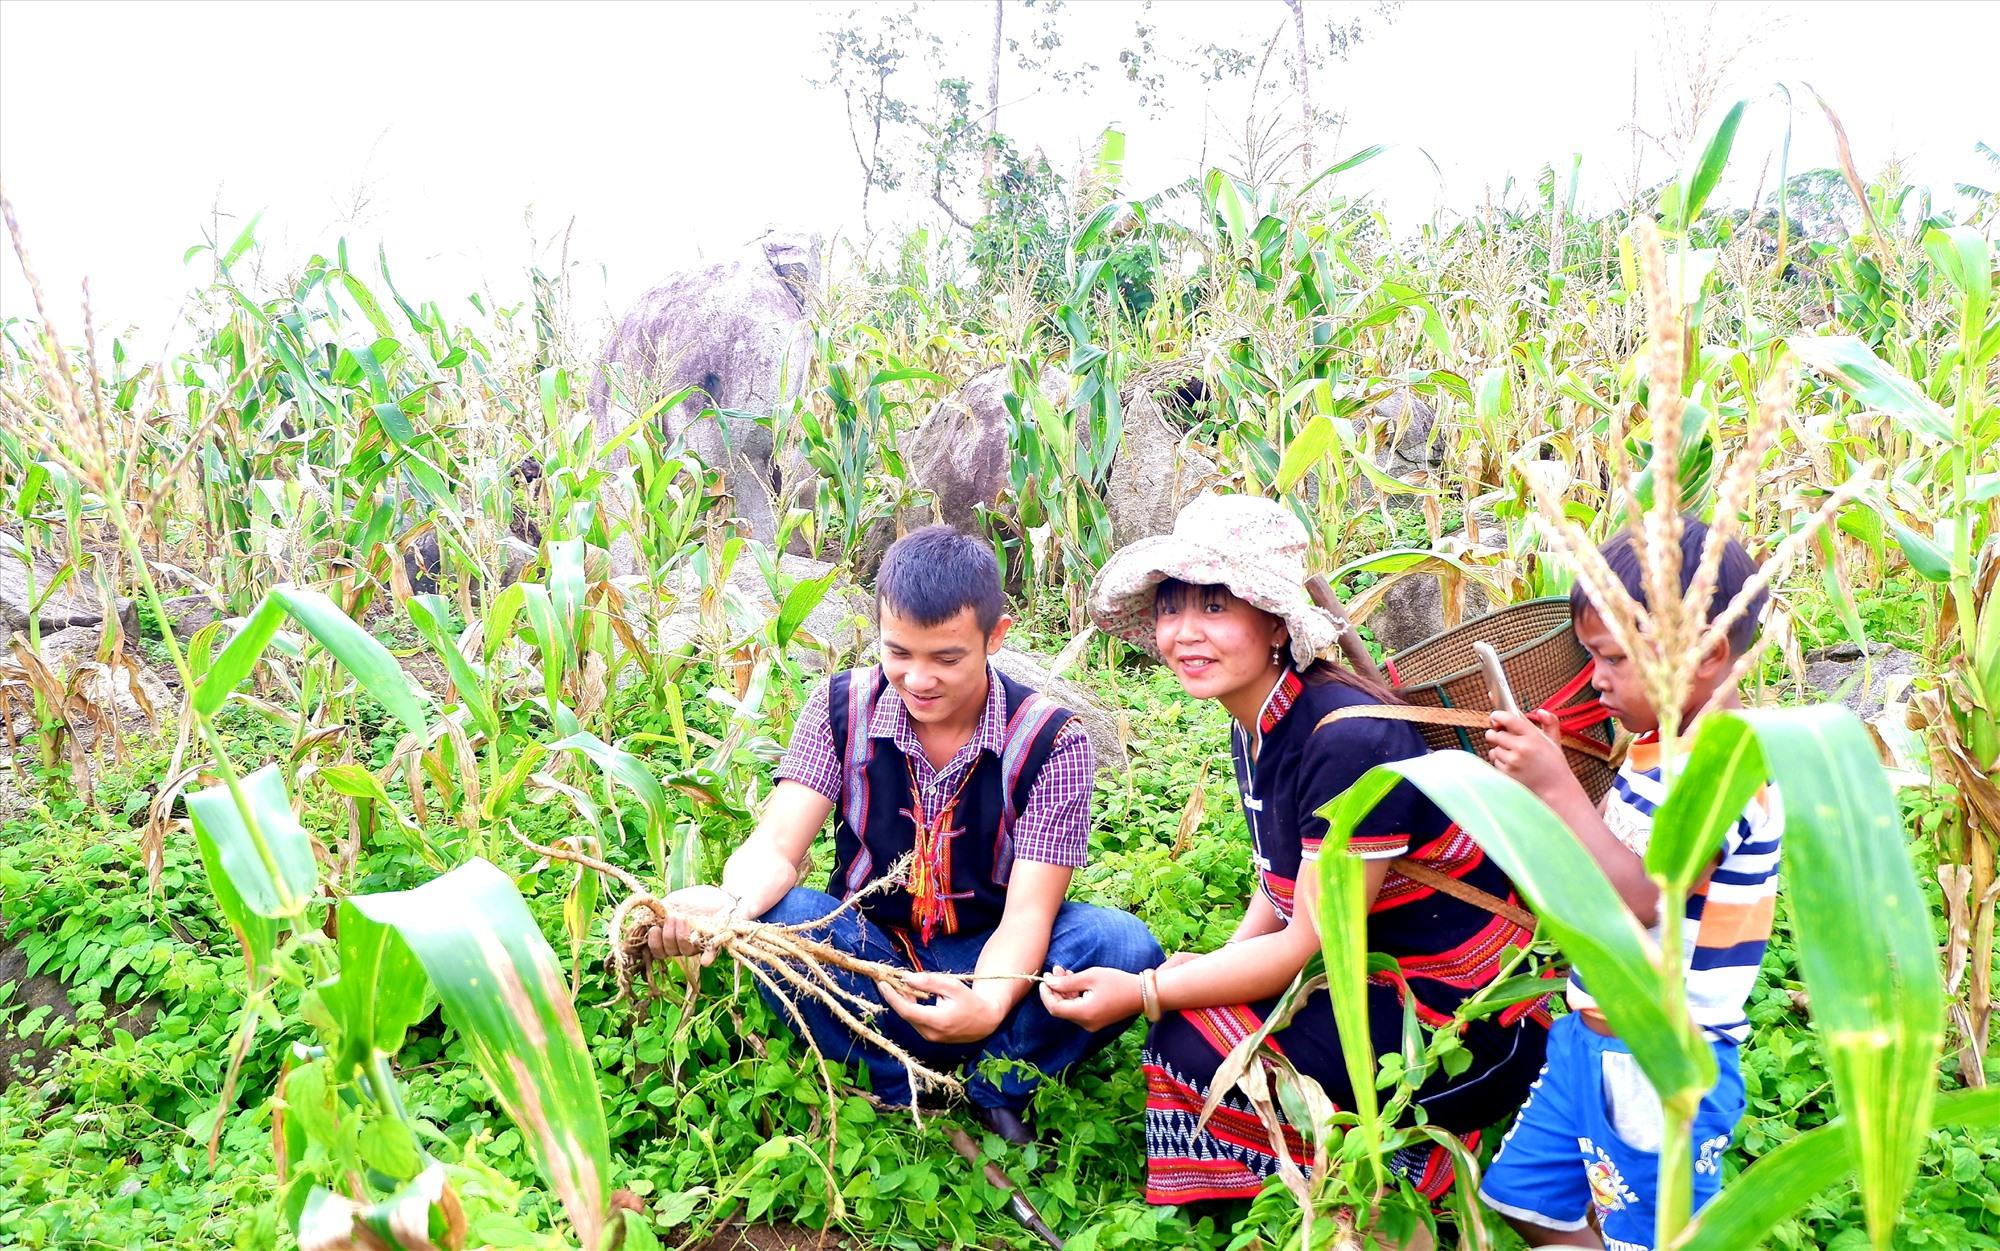 Trồng đảng sâm xen canh với bắp nếp giúp nhiều hộ dân đồng bào dân tộc thiểu số của huyện Tây Giang có thêm nguồn thu nhập. Ảnh: N.P